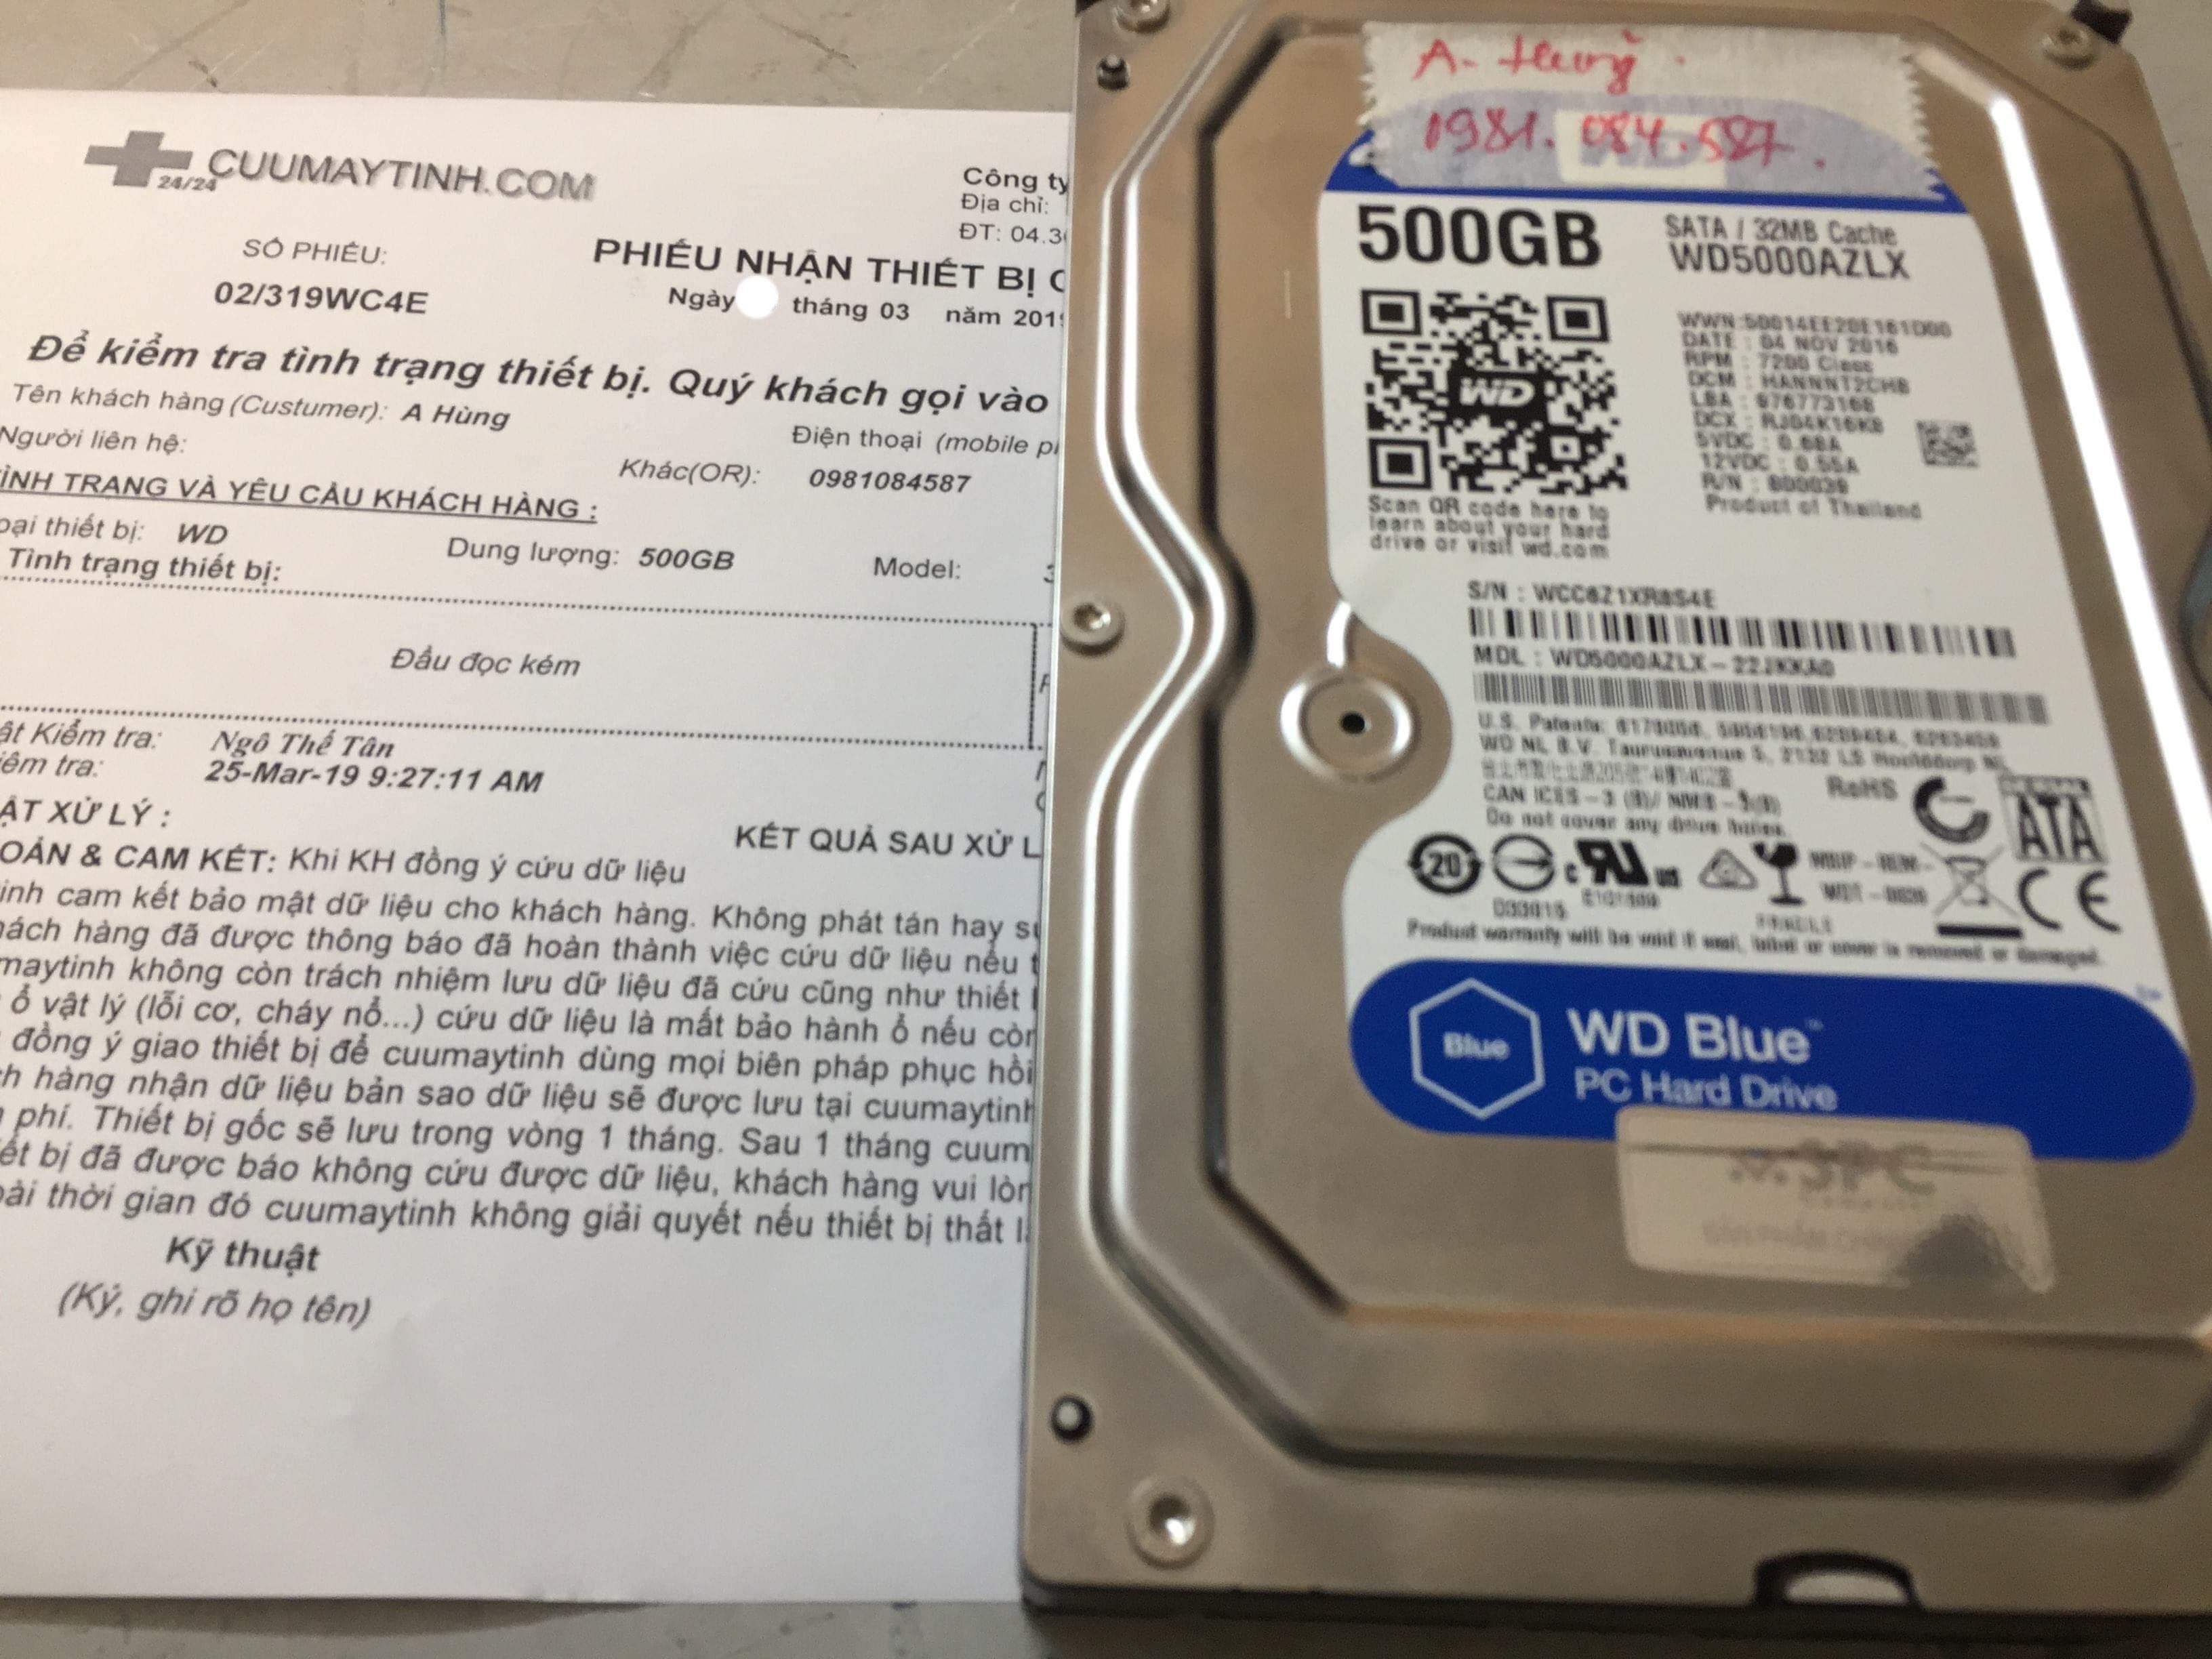 Khôi phục dữ liệu ổ cứng Western 500GB đầu đọc kém 29/03/2019 - cuumaytinh